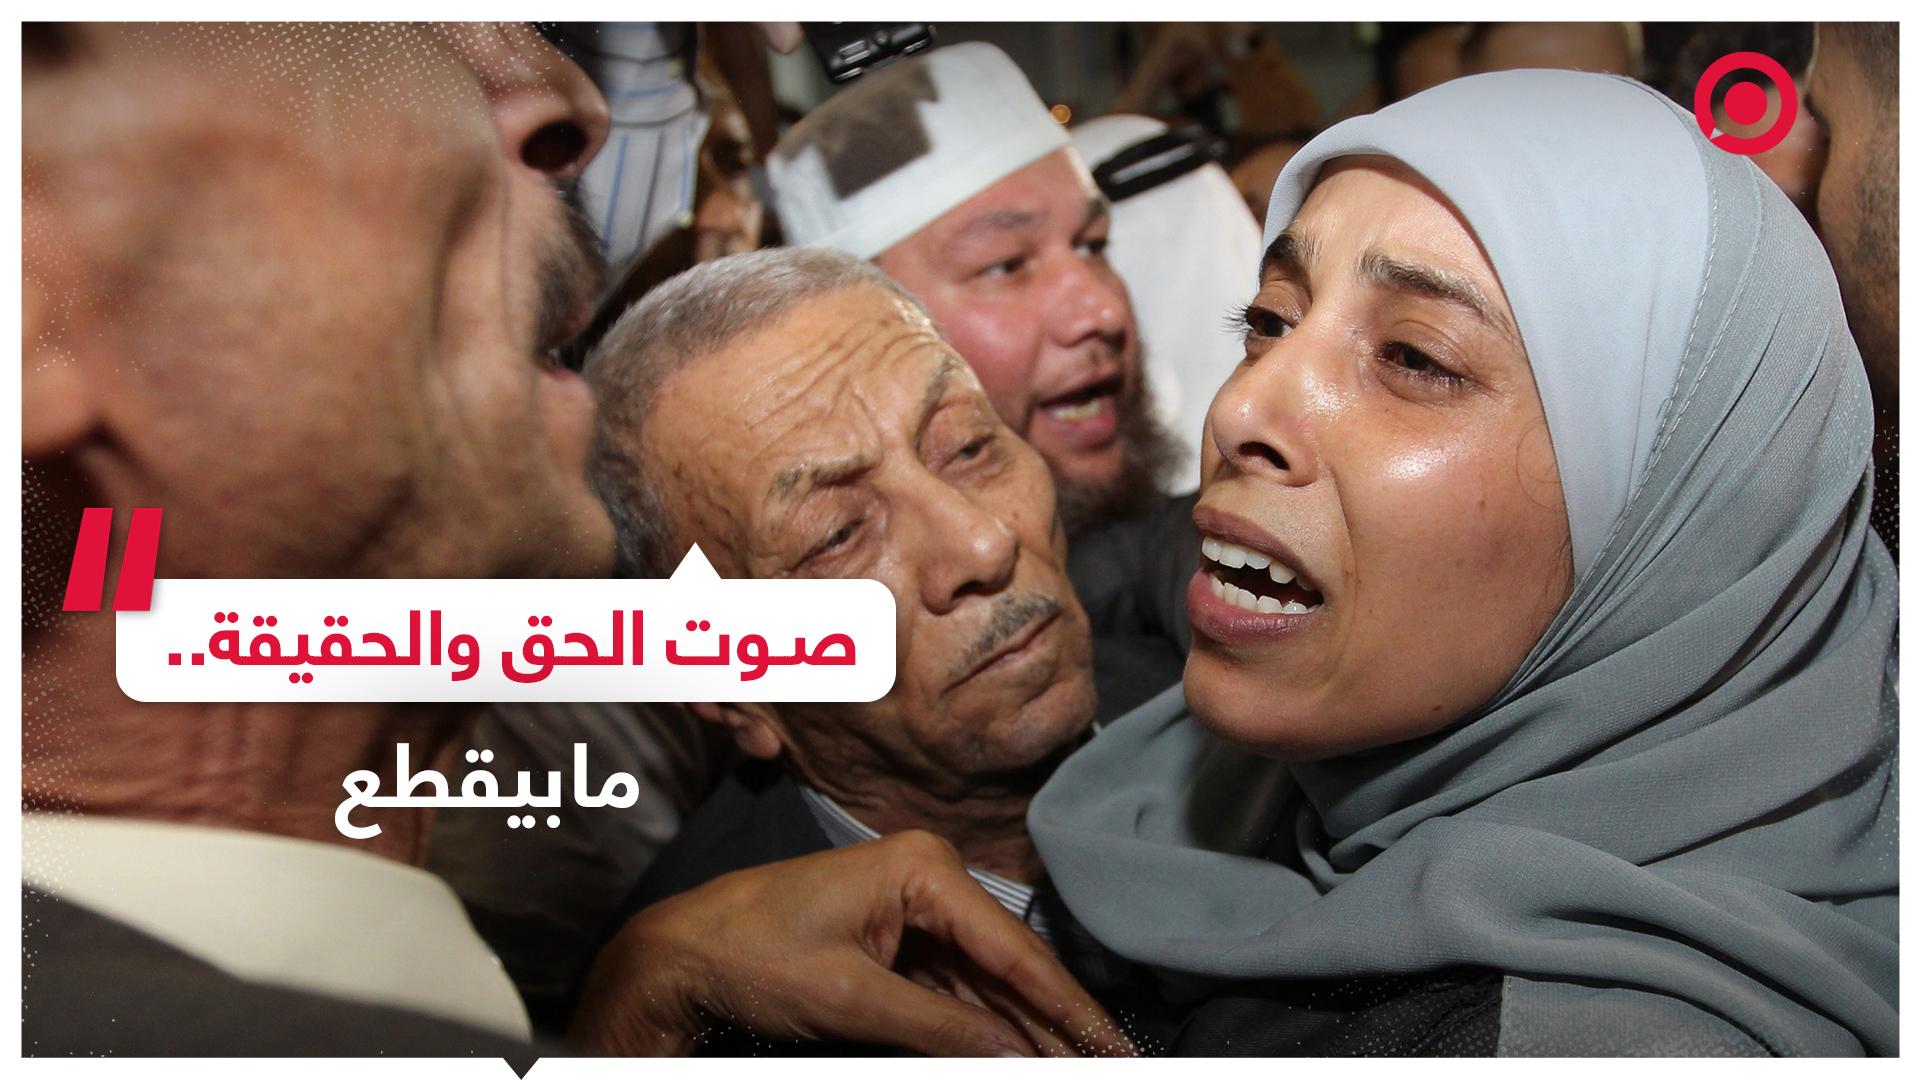 الإعلامي الأردني معاذ العمري يكشف ماحدث مع أحلام التميمي ويعترف